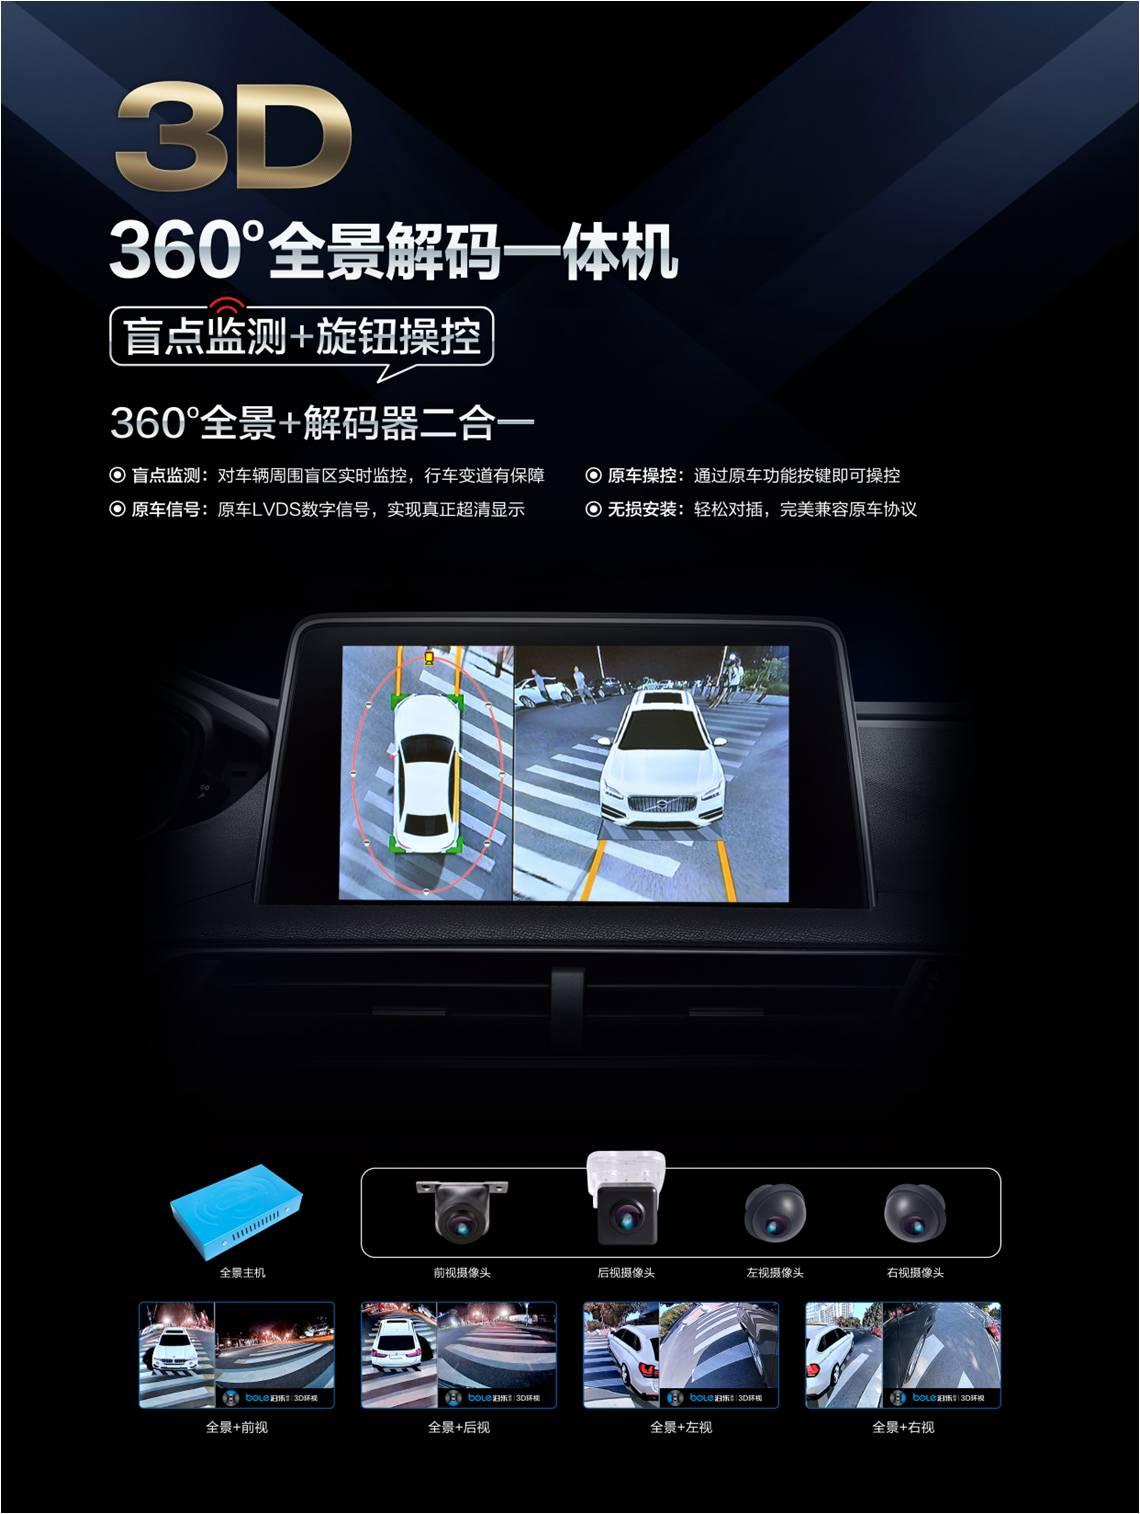 阿克苏360度全景记录仪安装「大地汽车影音供应」